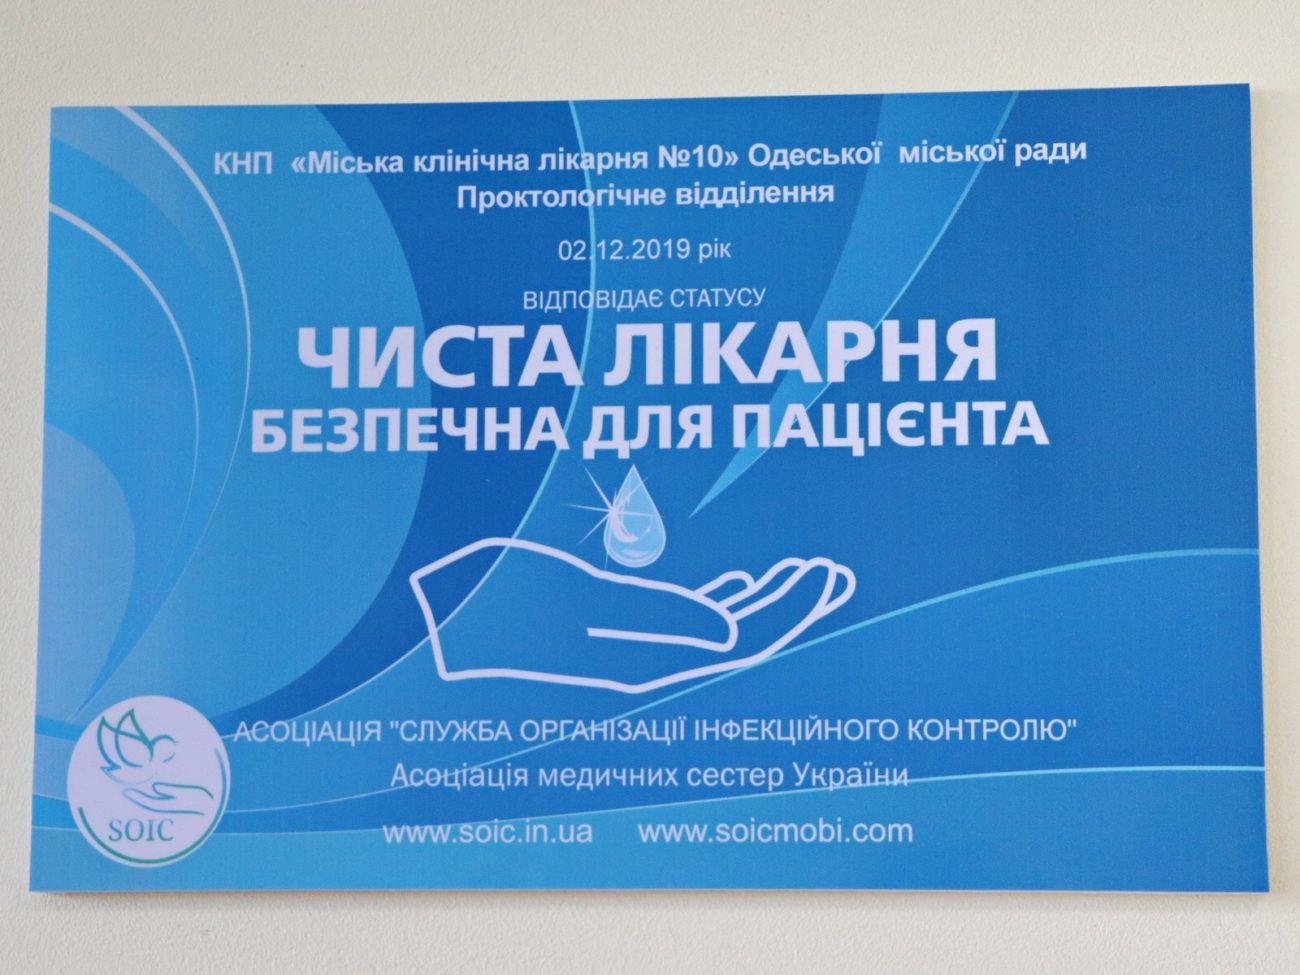 Здесь и на превью — фото omr.gov.ua.